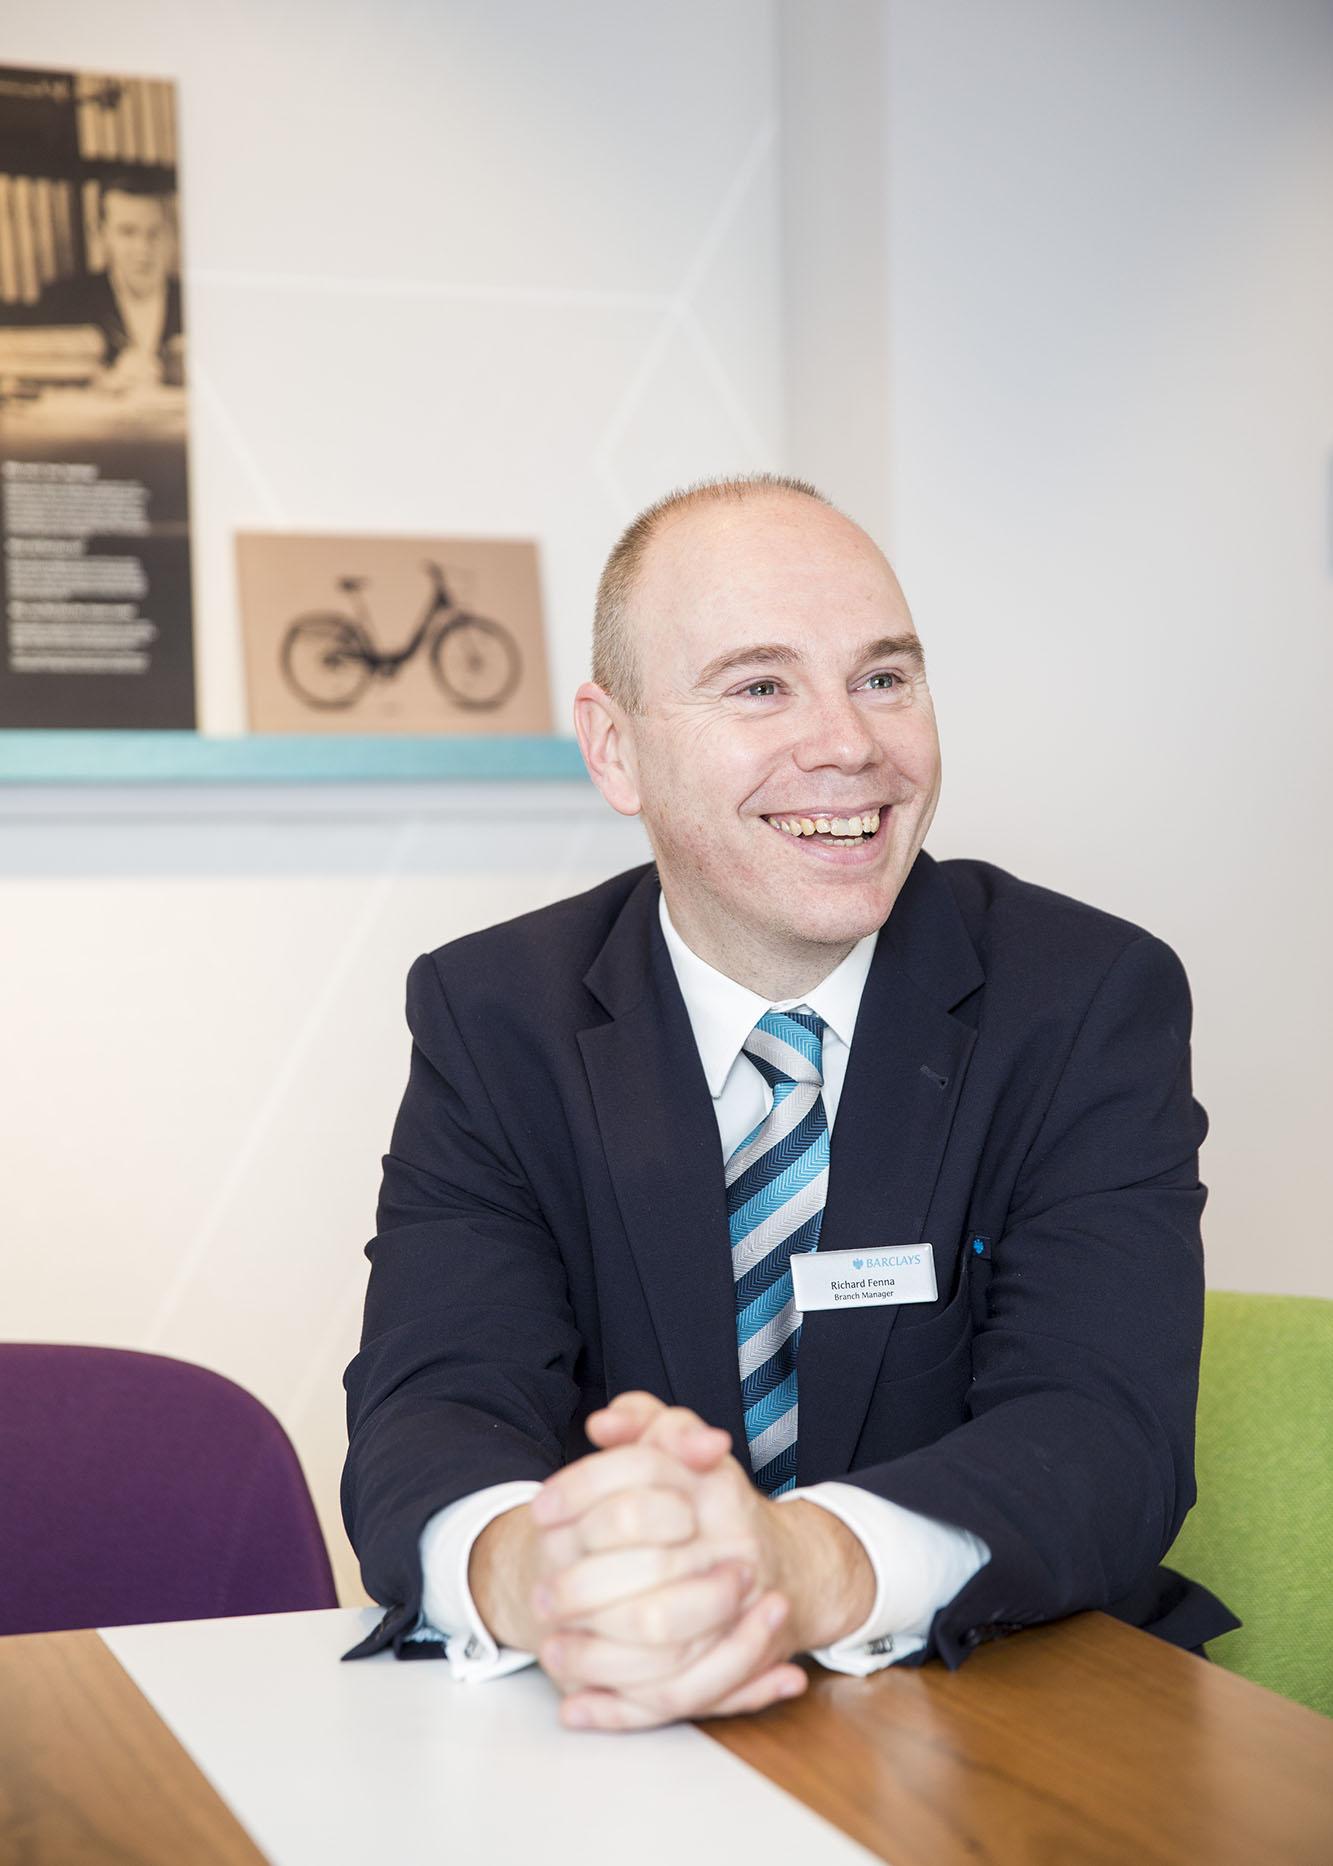 Richard Fenna for Barclays